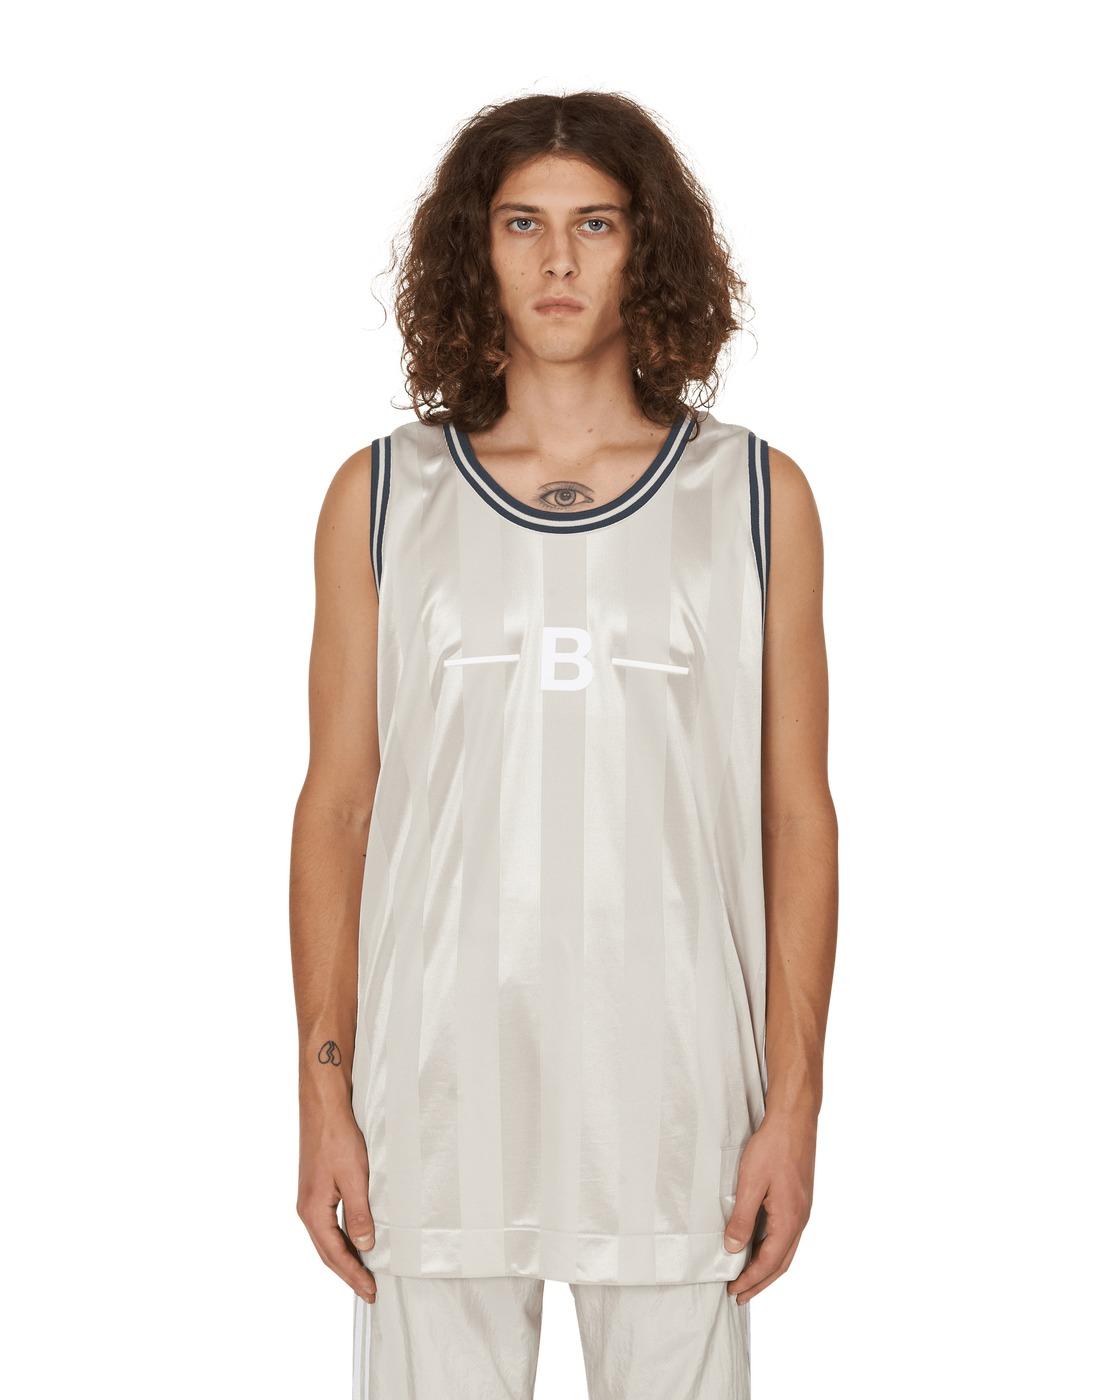 Adidas Originals Bristol Studio Jersey Clear Brown/White